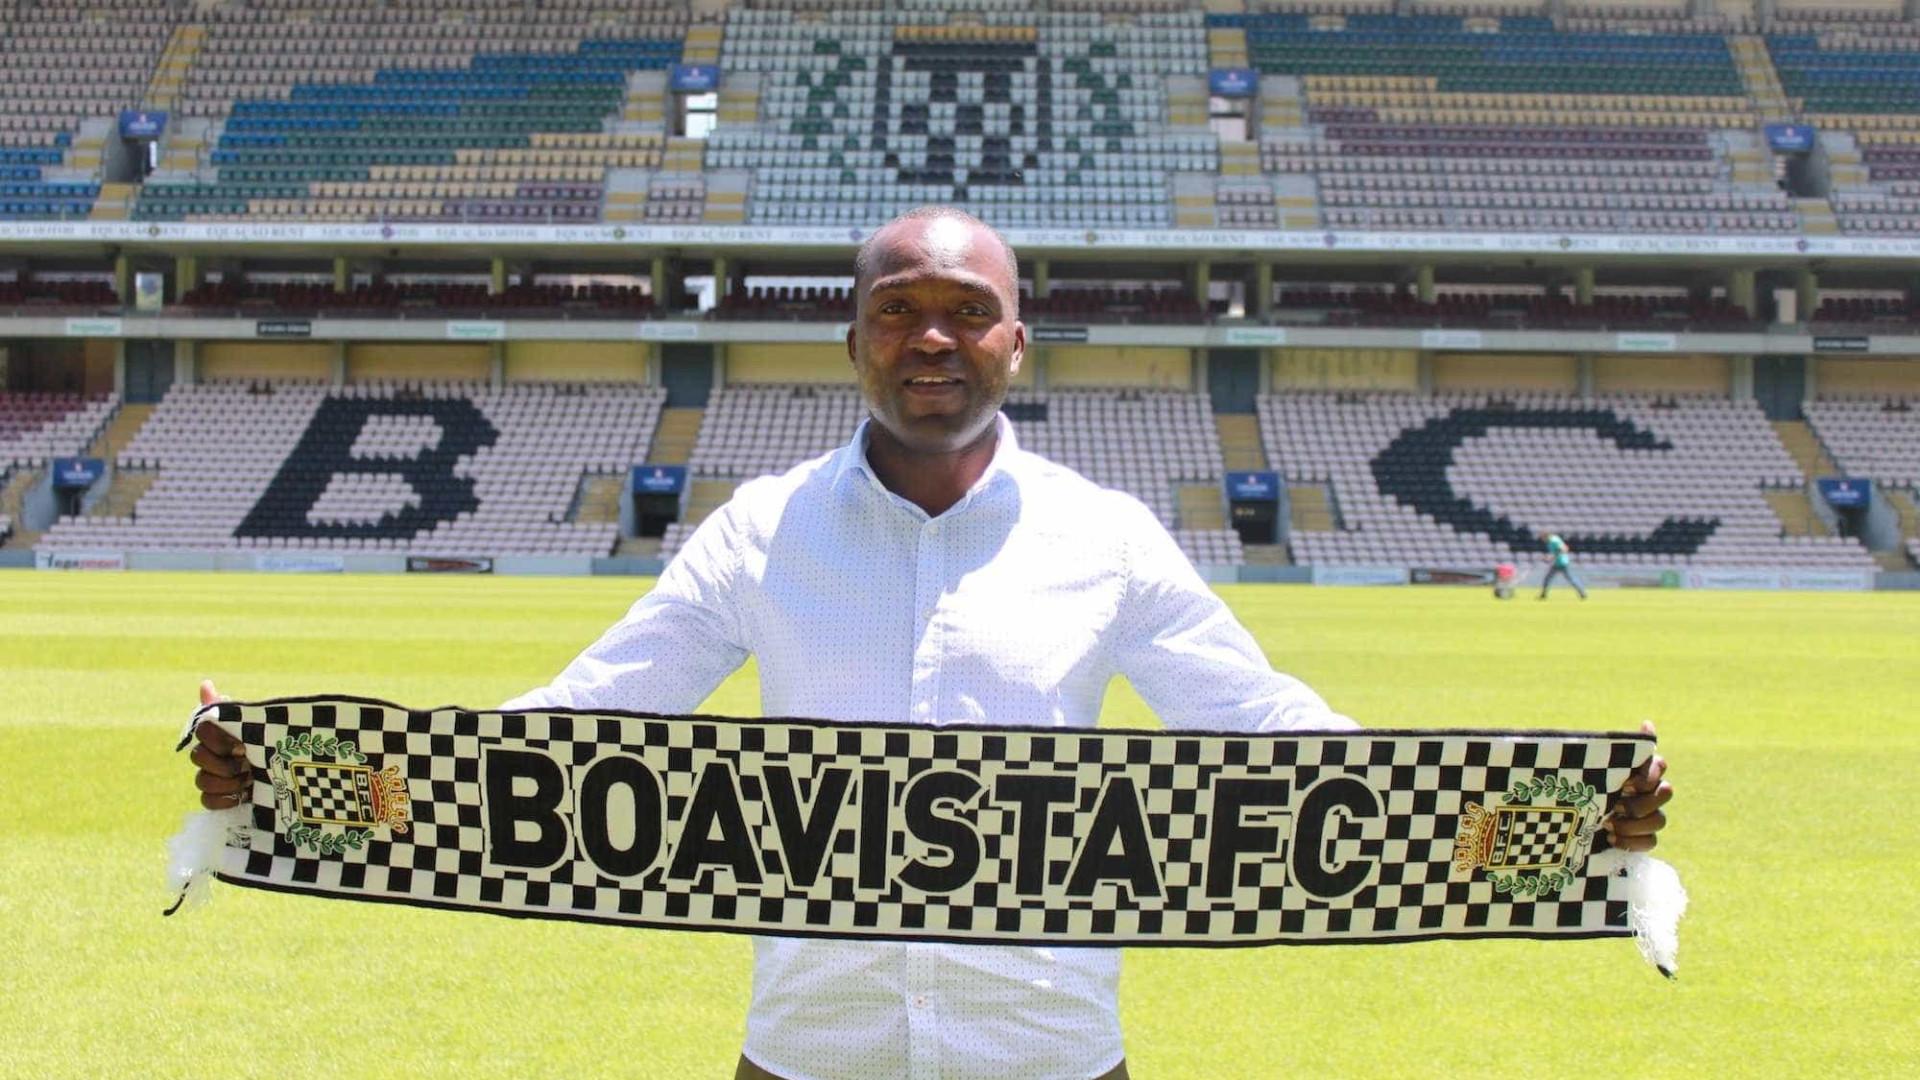 Boavista anuncia renovação de contrato com Mateus